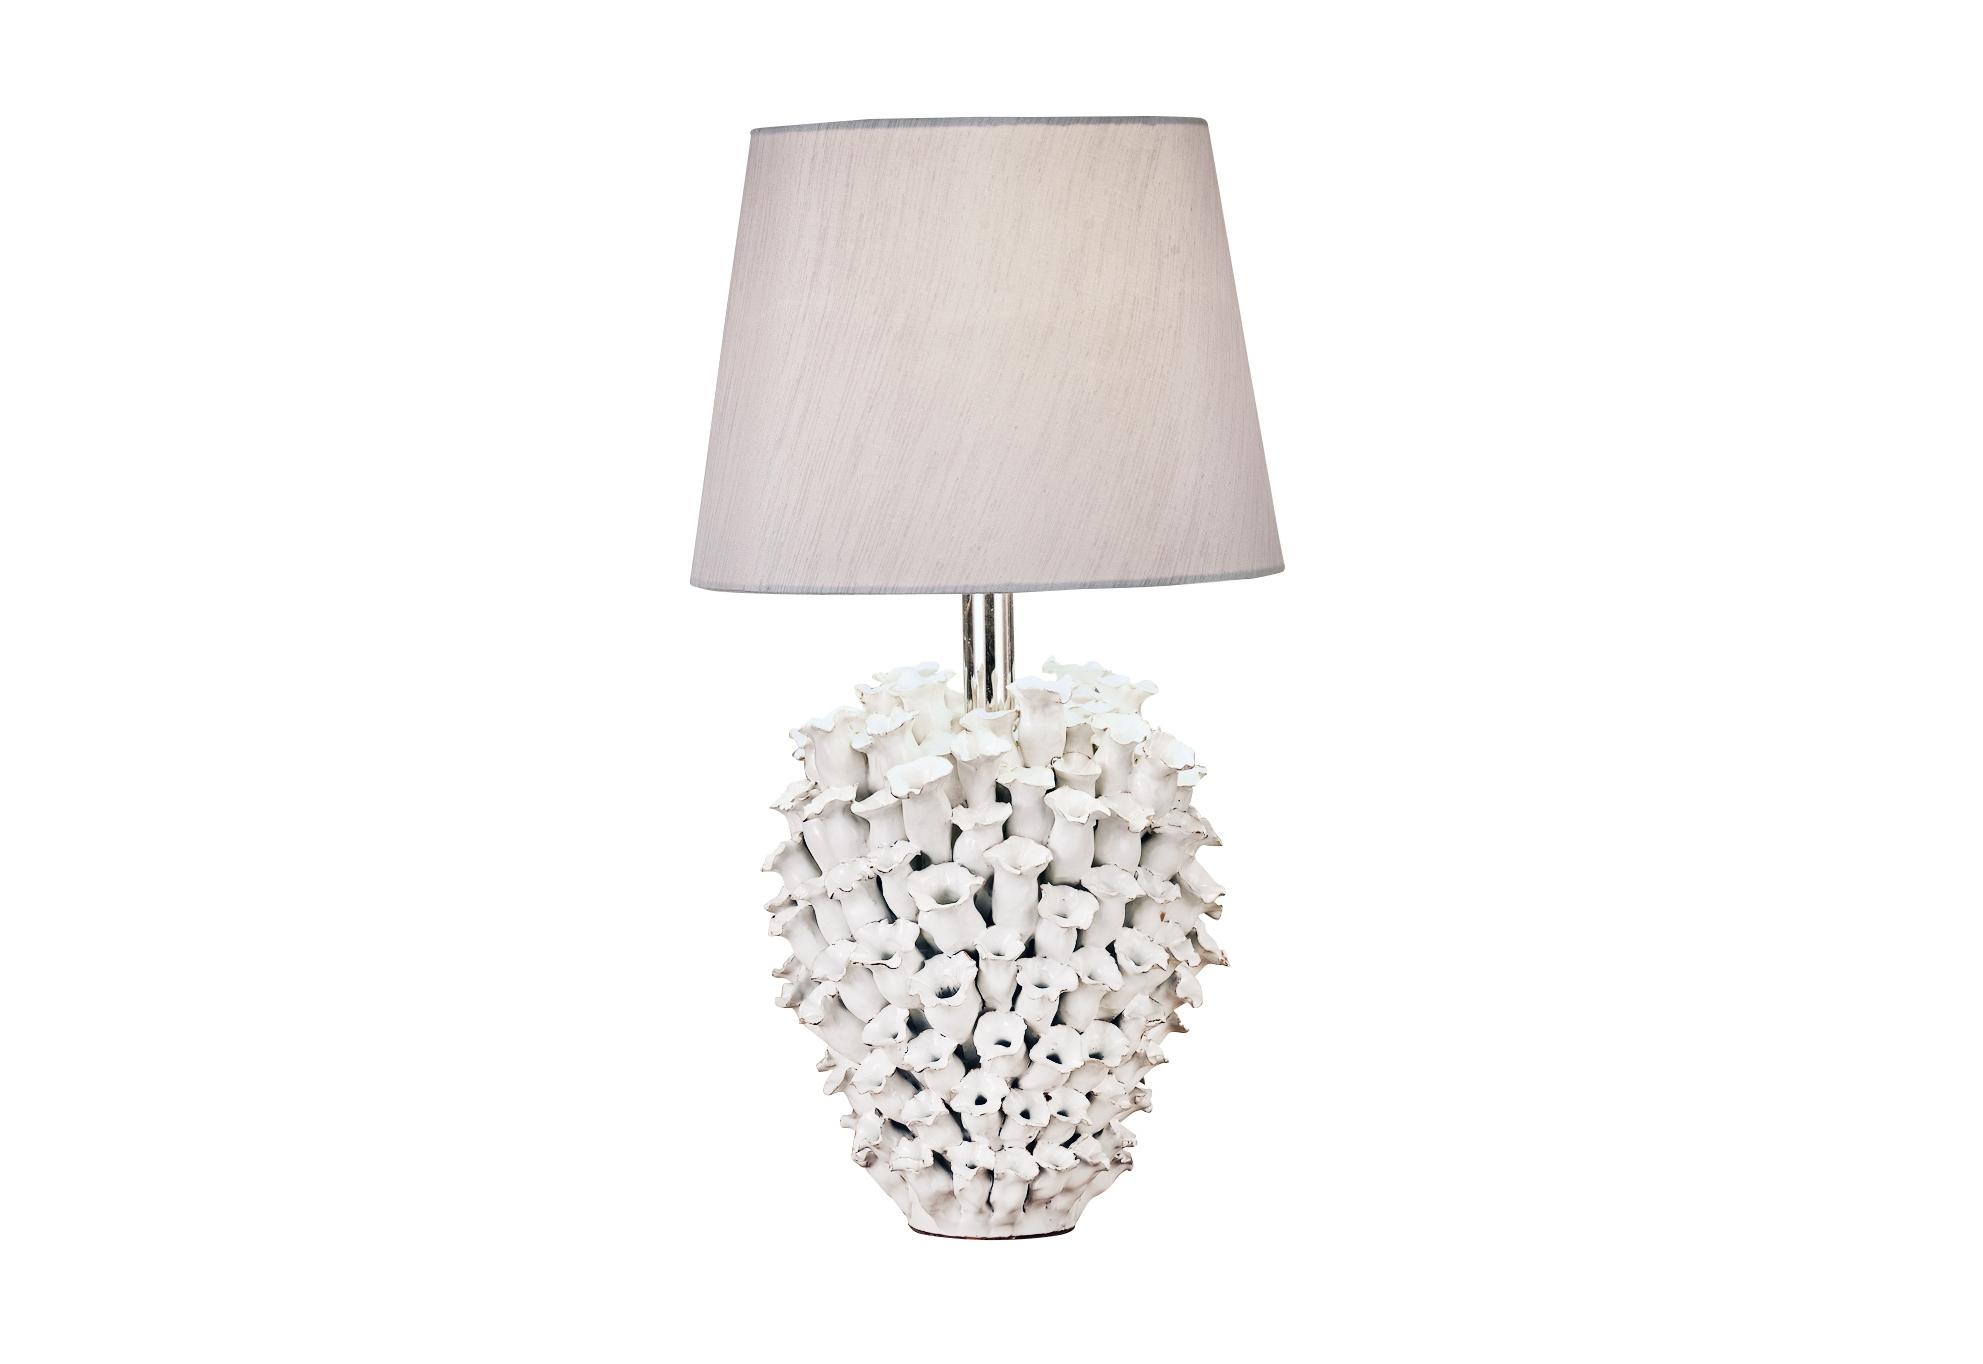 Светильник настольный AcerraДекоративные лампы<br>&amp;lt;div&amp;gt;Настольный светильник из фарфора белого цвета с тканевым абажуром бежевого цвета.&amp;lt;/div&amp;gt;&amp;lt;div&amp;gt;&amp;lt;br&amp;gt;&amp;lt;/div&amp;gt;&amp;lt;div&amp;gt;Вид цоколя: E27&amp;lt;/div&amp;gt;&amp;lt;div&amp;gt;Мощность: 60W&amp;lt;/div&amp;gt;&amp;lt;div&amp;gt;Количество ламп: 1 (нет в комплекте)&amp;lt;/div&amp;gt;<br><br>Material: Фарфор<br>Высота см: 55.0